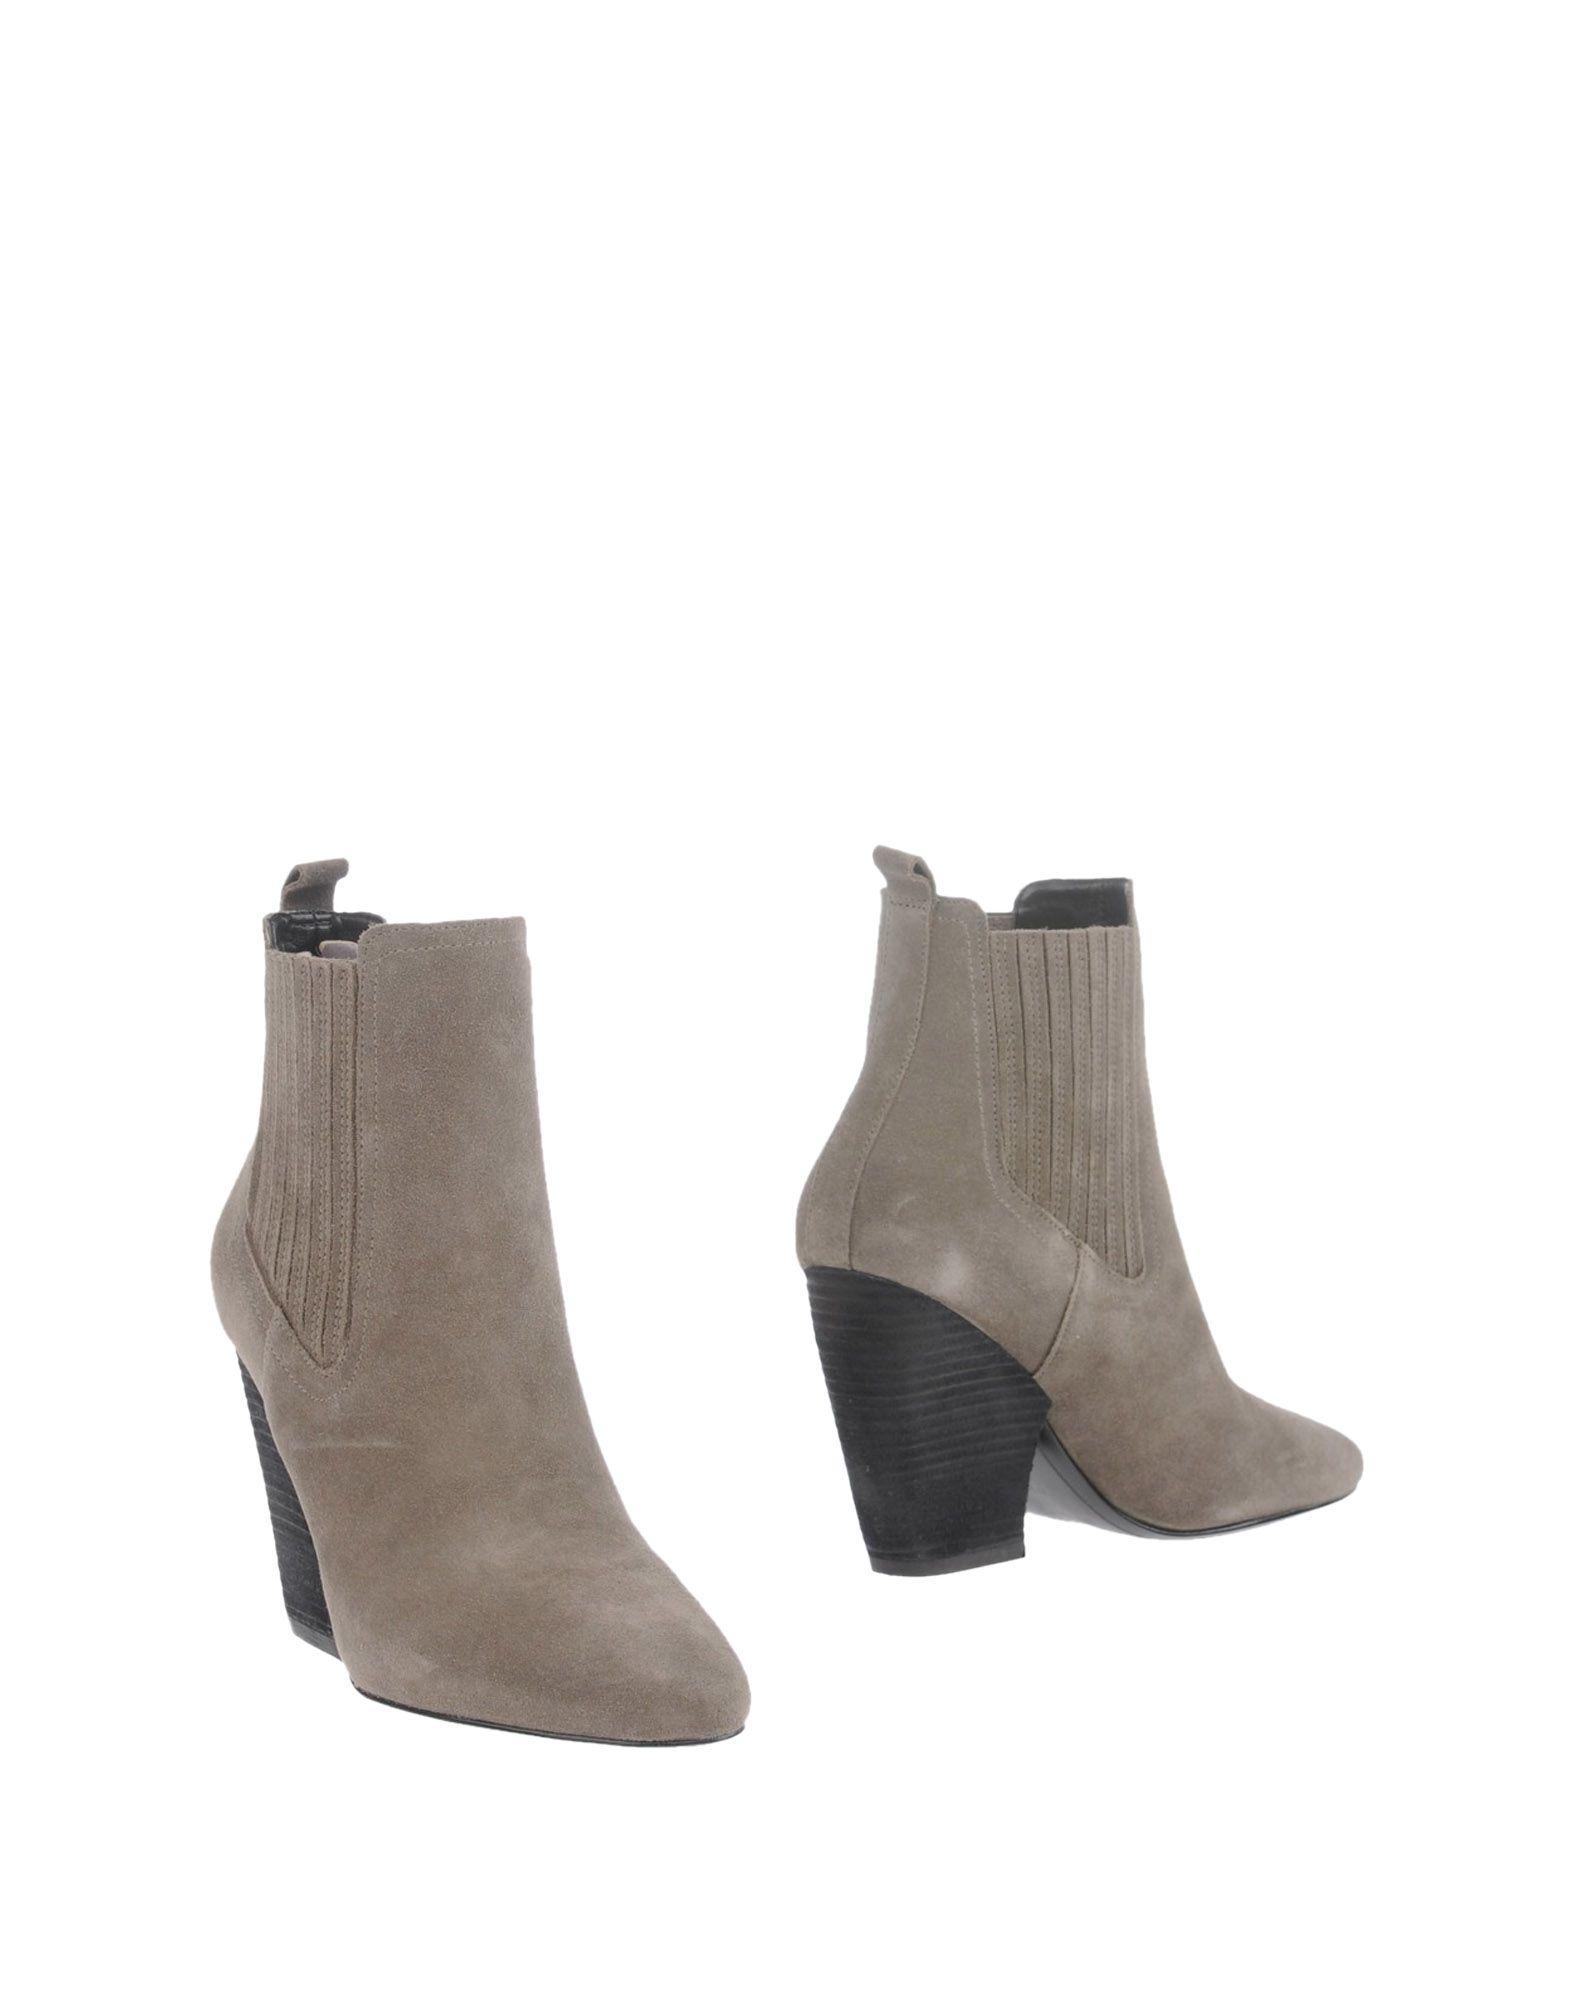 Kendall + Kylie Stiefelette Damen  11219127QB Gute Qualität beliebte Schuhe